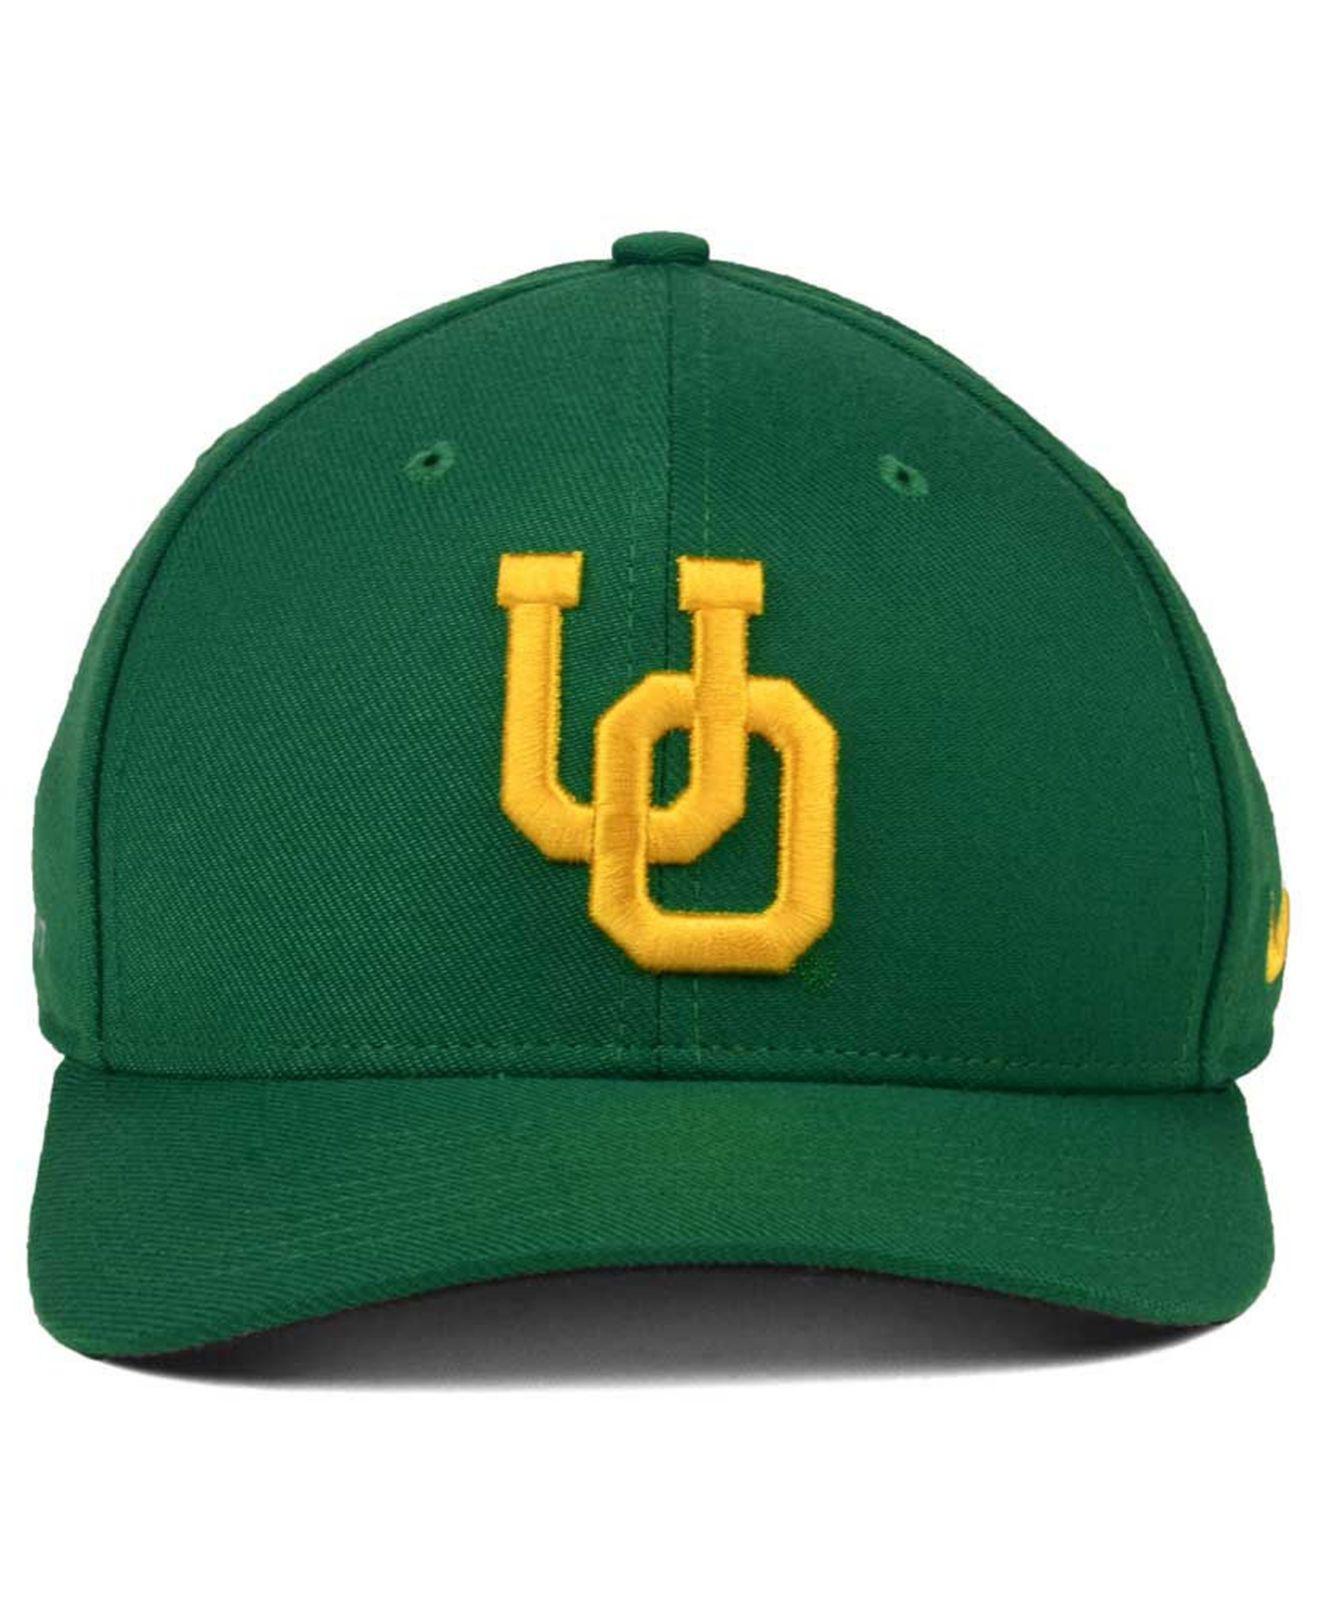 buy popular 2a297 e997d ... store lyst nike vault swoosh flex cap in green for men 6d355 d9ba7